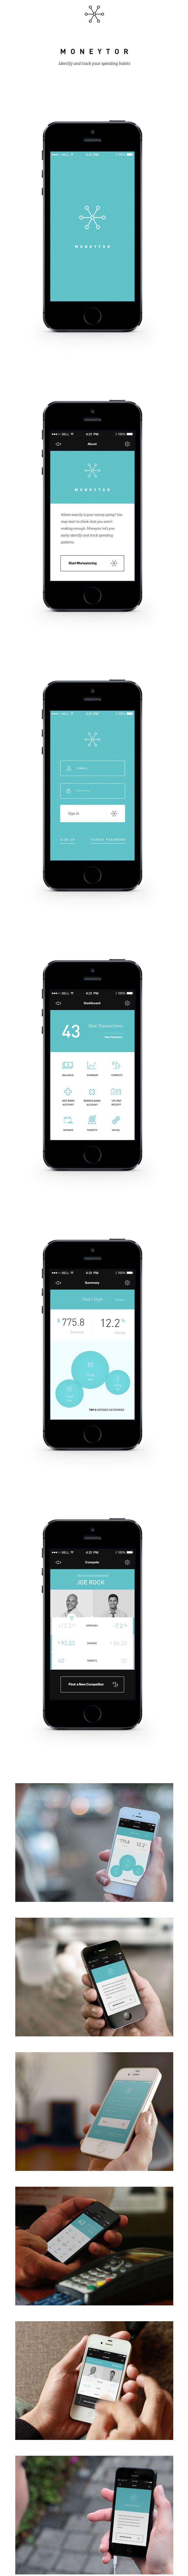 Daily Mobile UI Design Inspiration #160